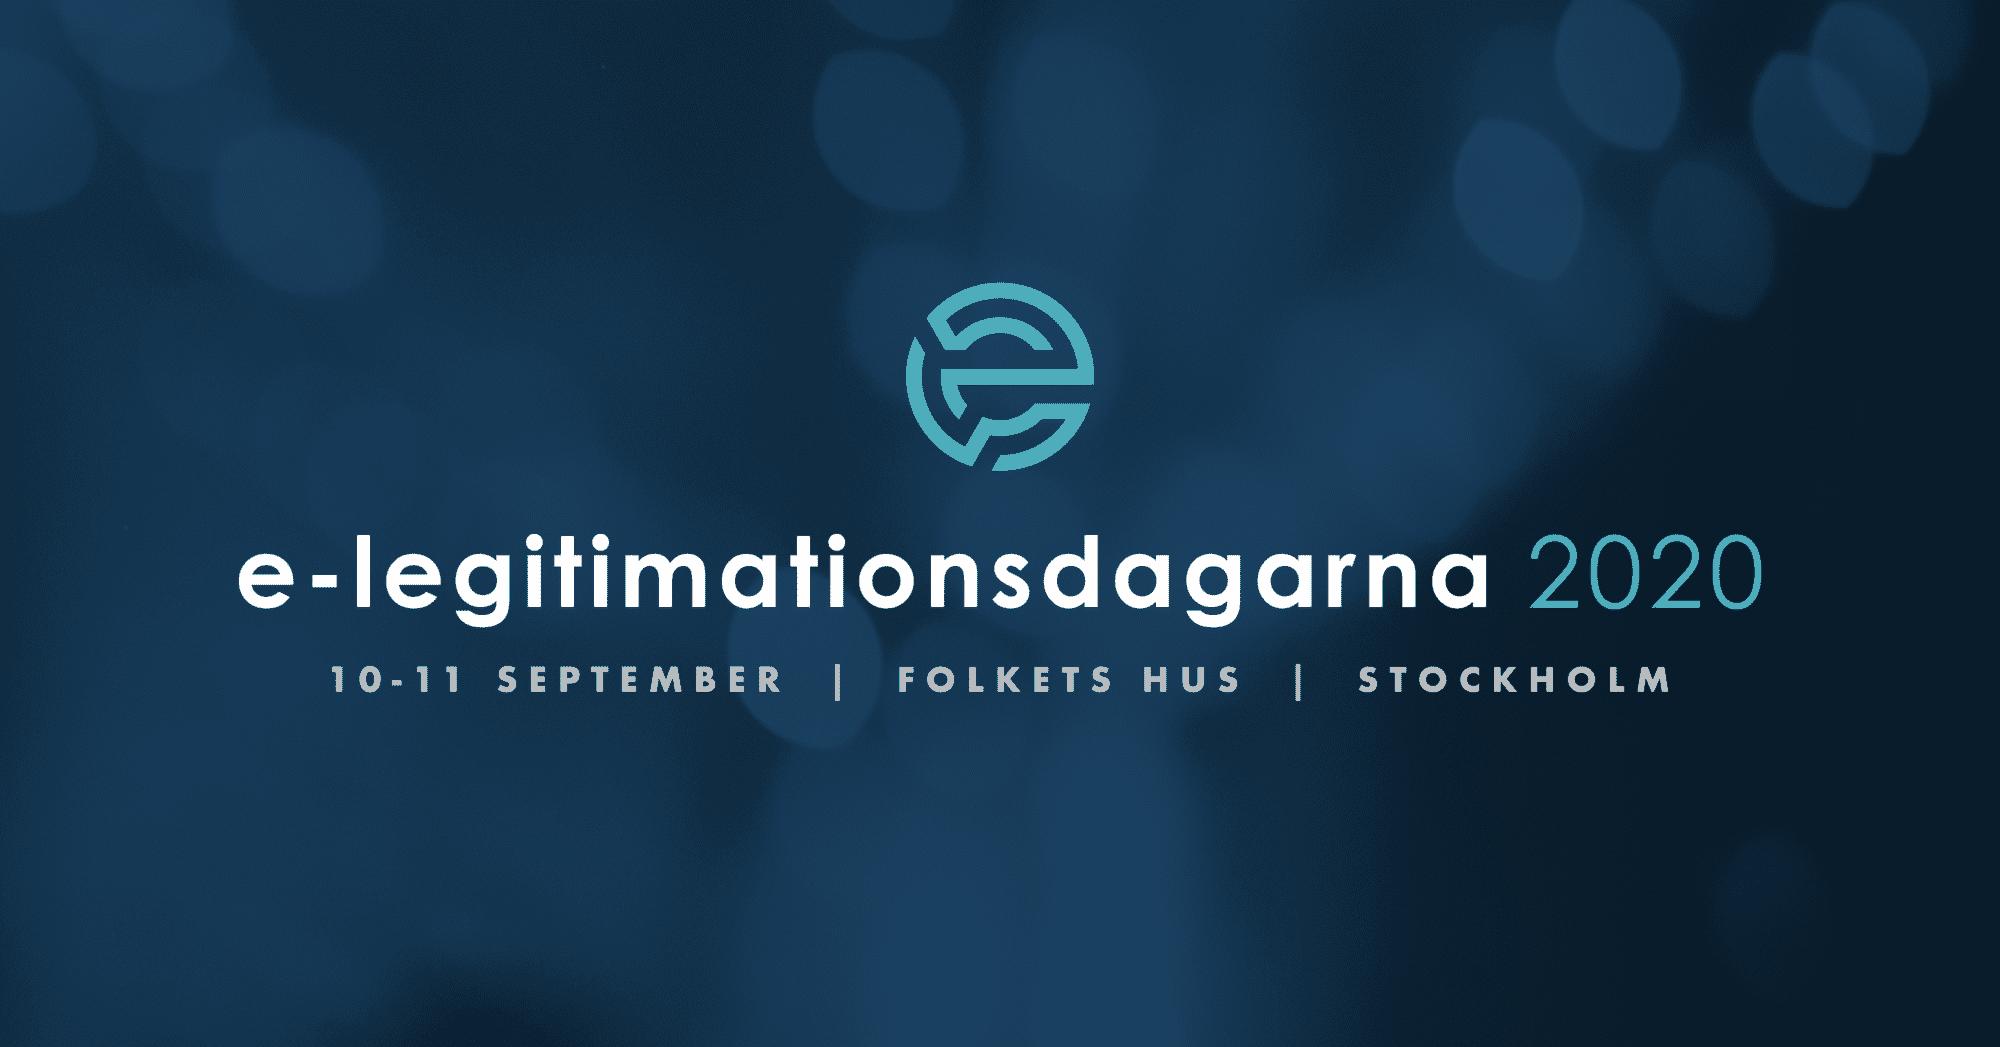 e-legitimationsdagarna 2020 på FOLKETS HUS - STOCKHOLM 2